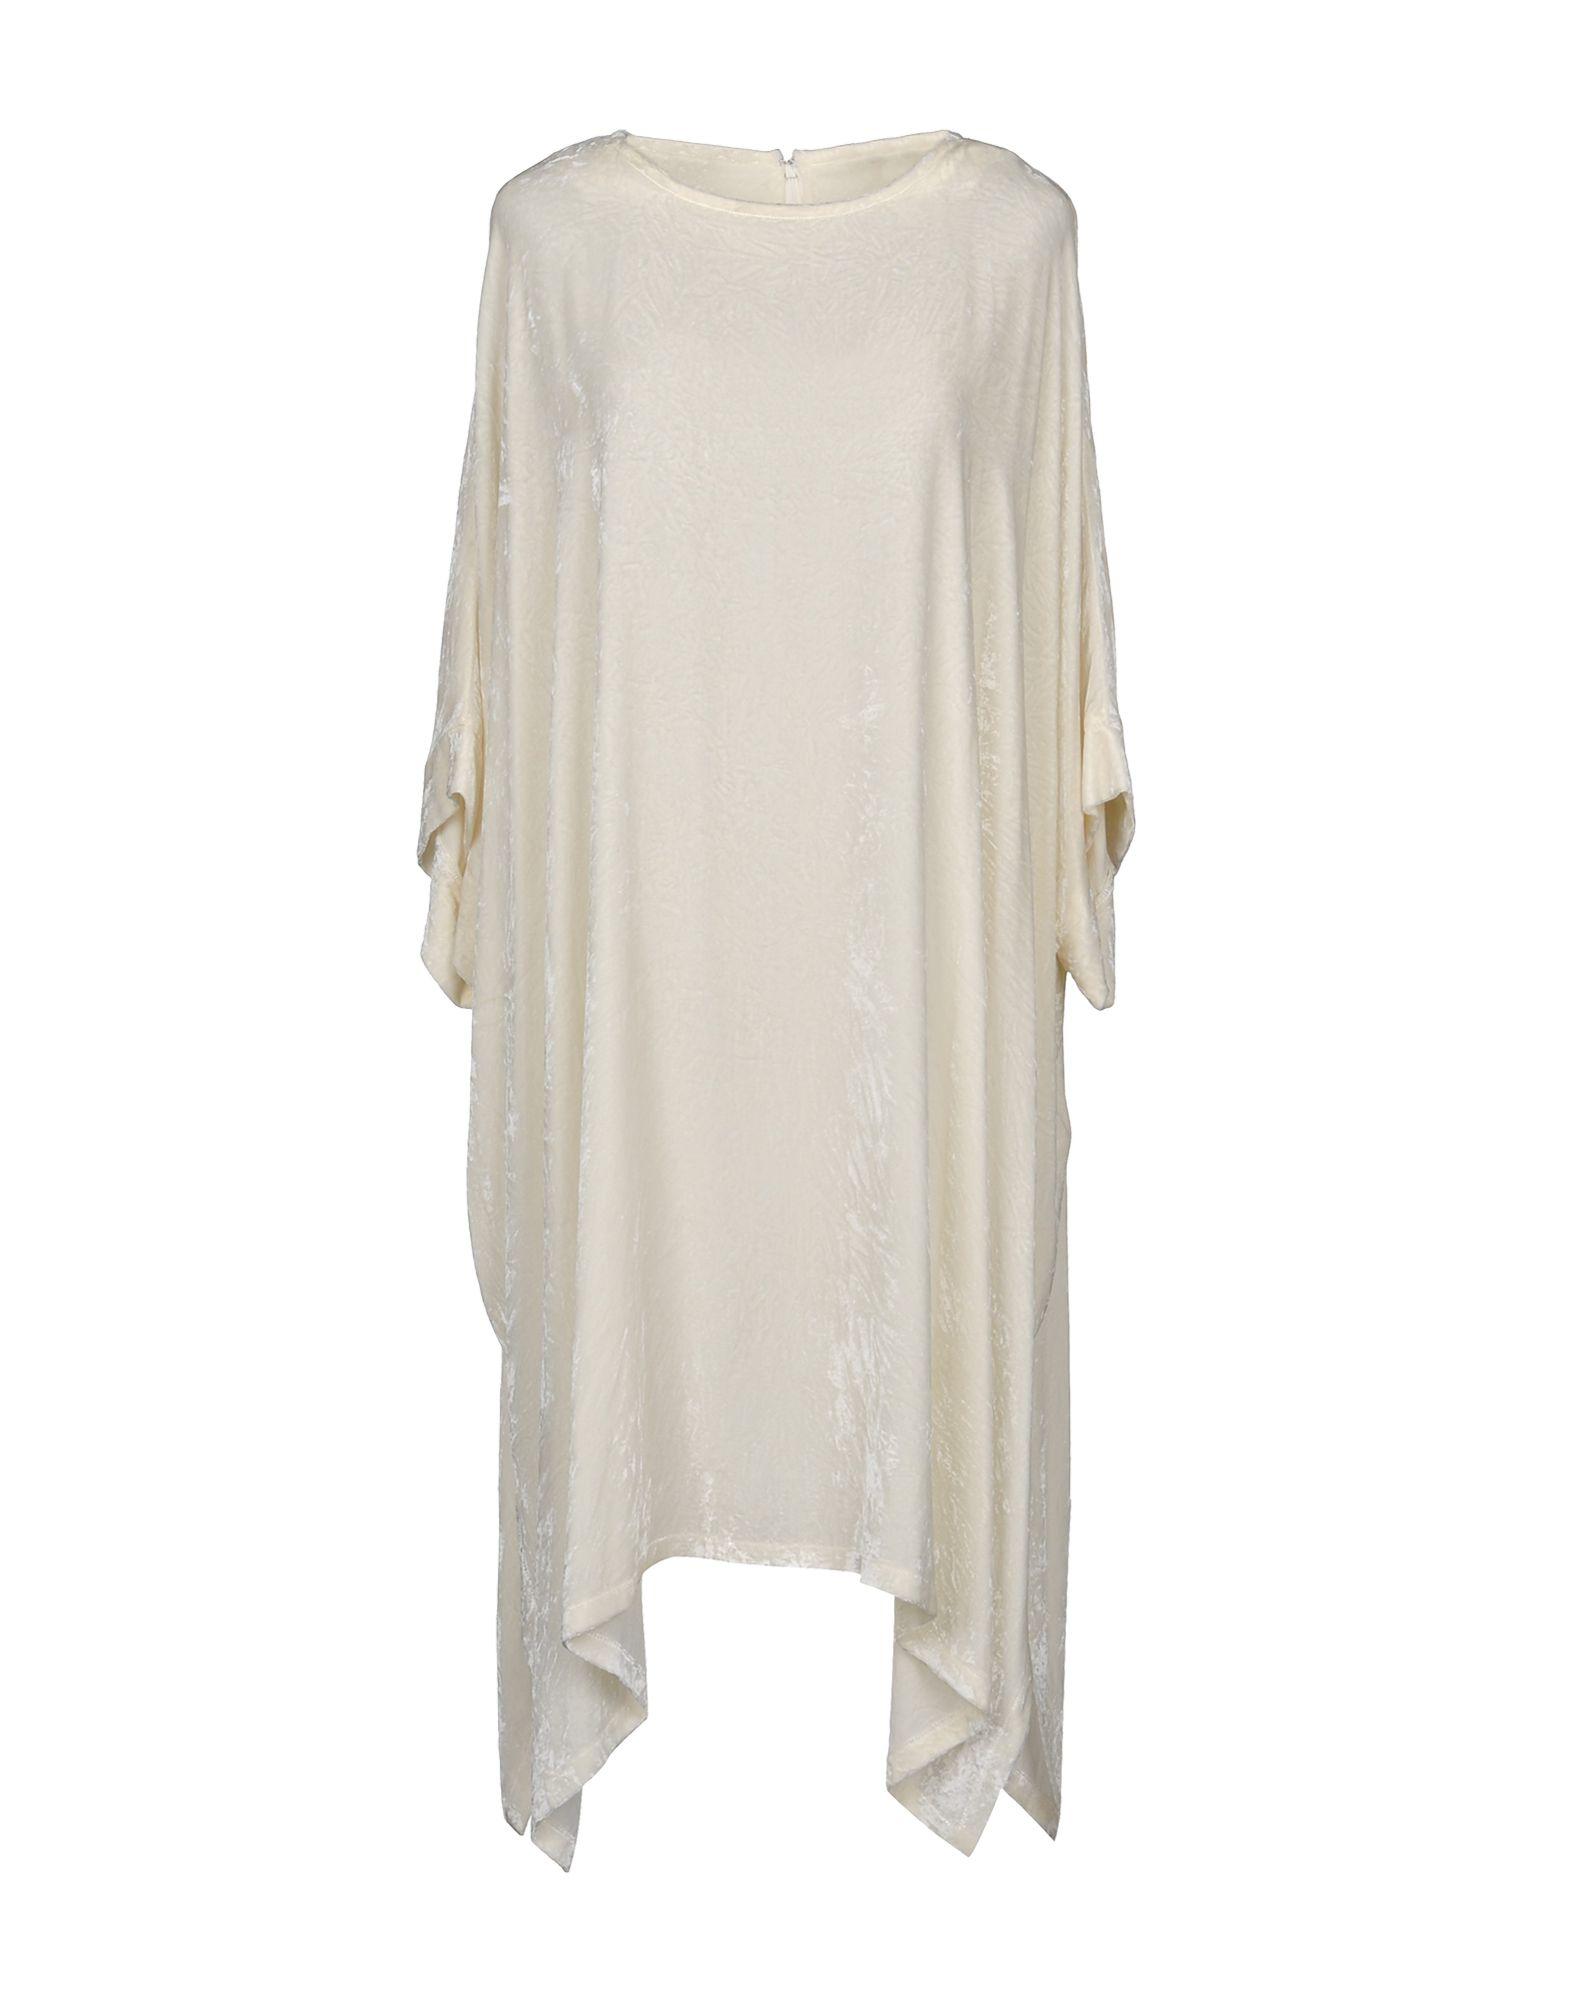 NOCTURNE #22 IN C SHARP MINOR, OP. POSTH. Платье до колена женское платье lolita op jsk